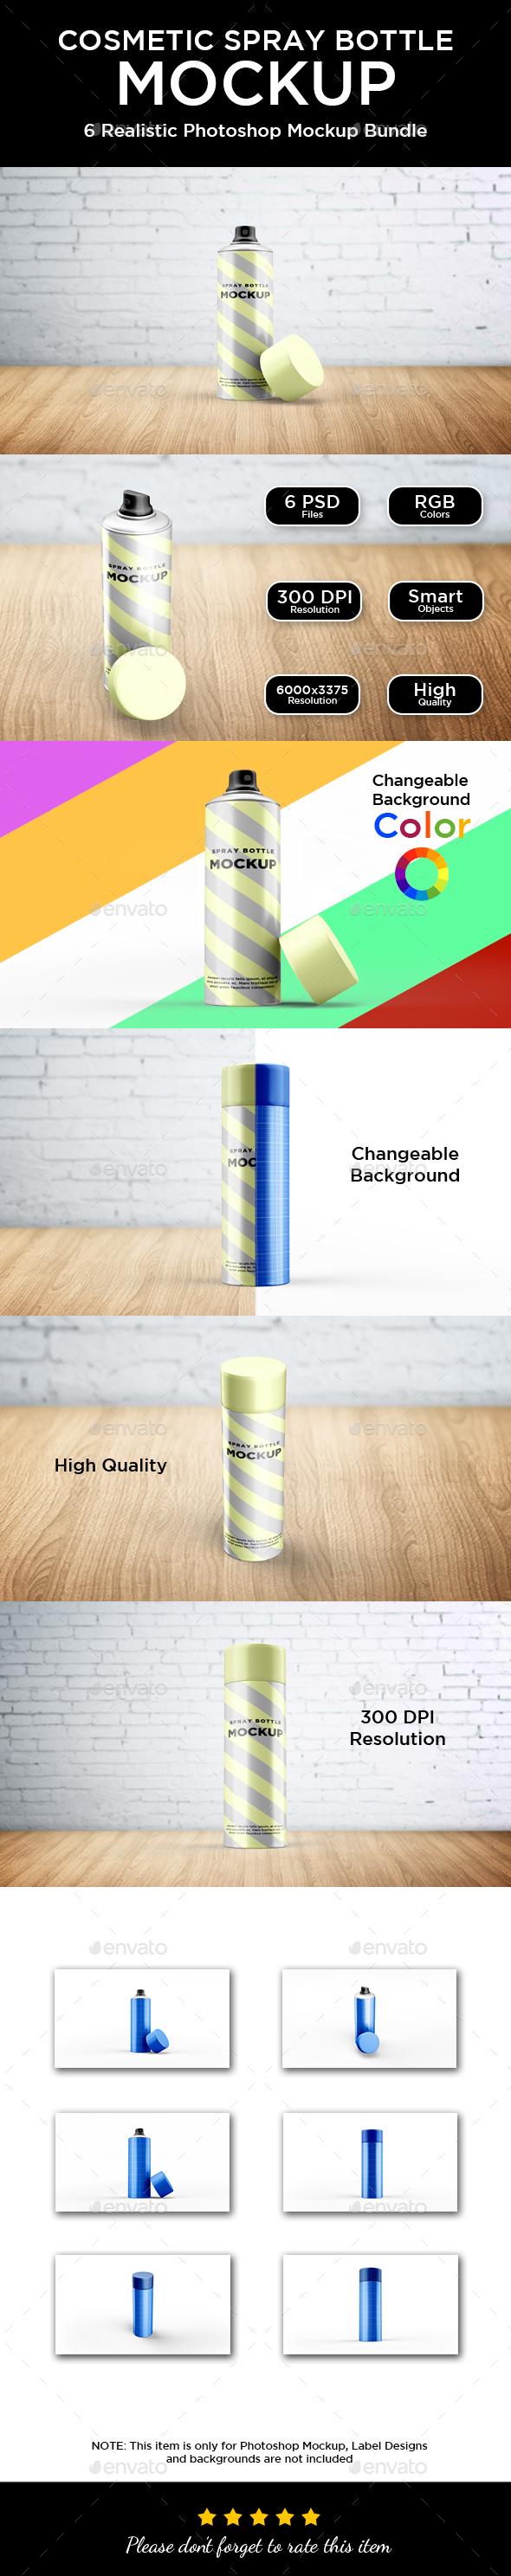 Cosmetic Spray Bottle Mockup - Beauty Packaging